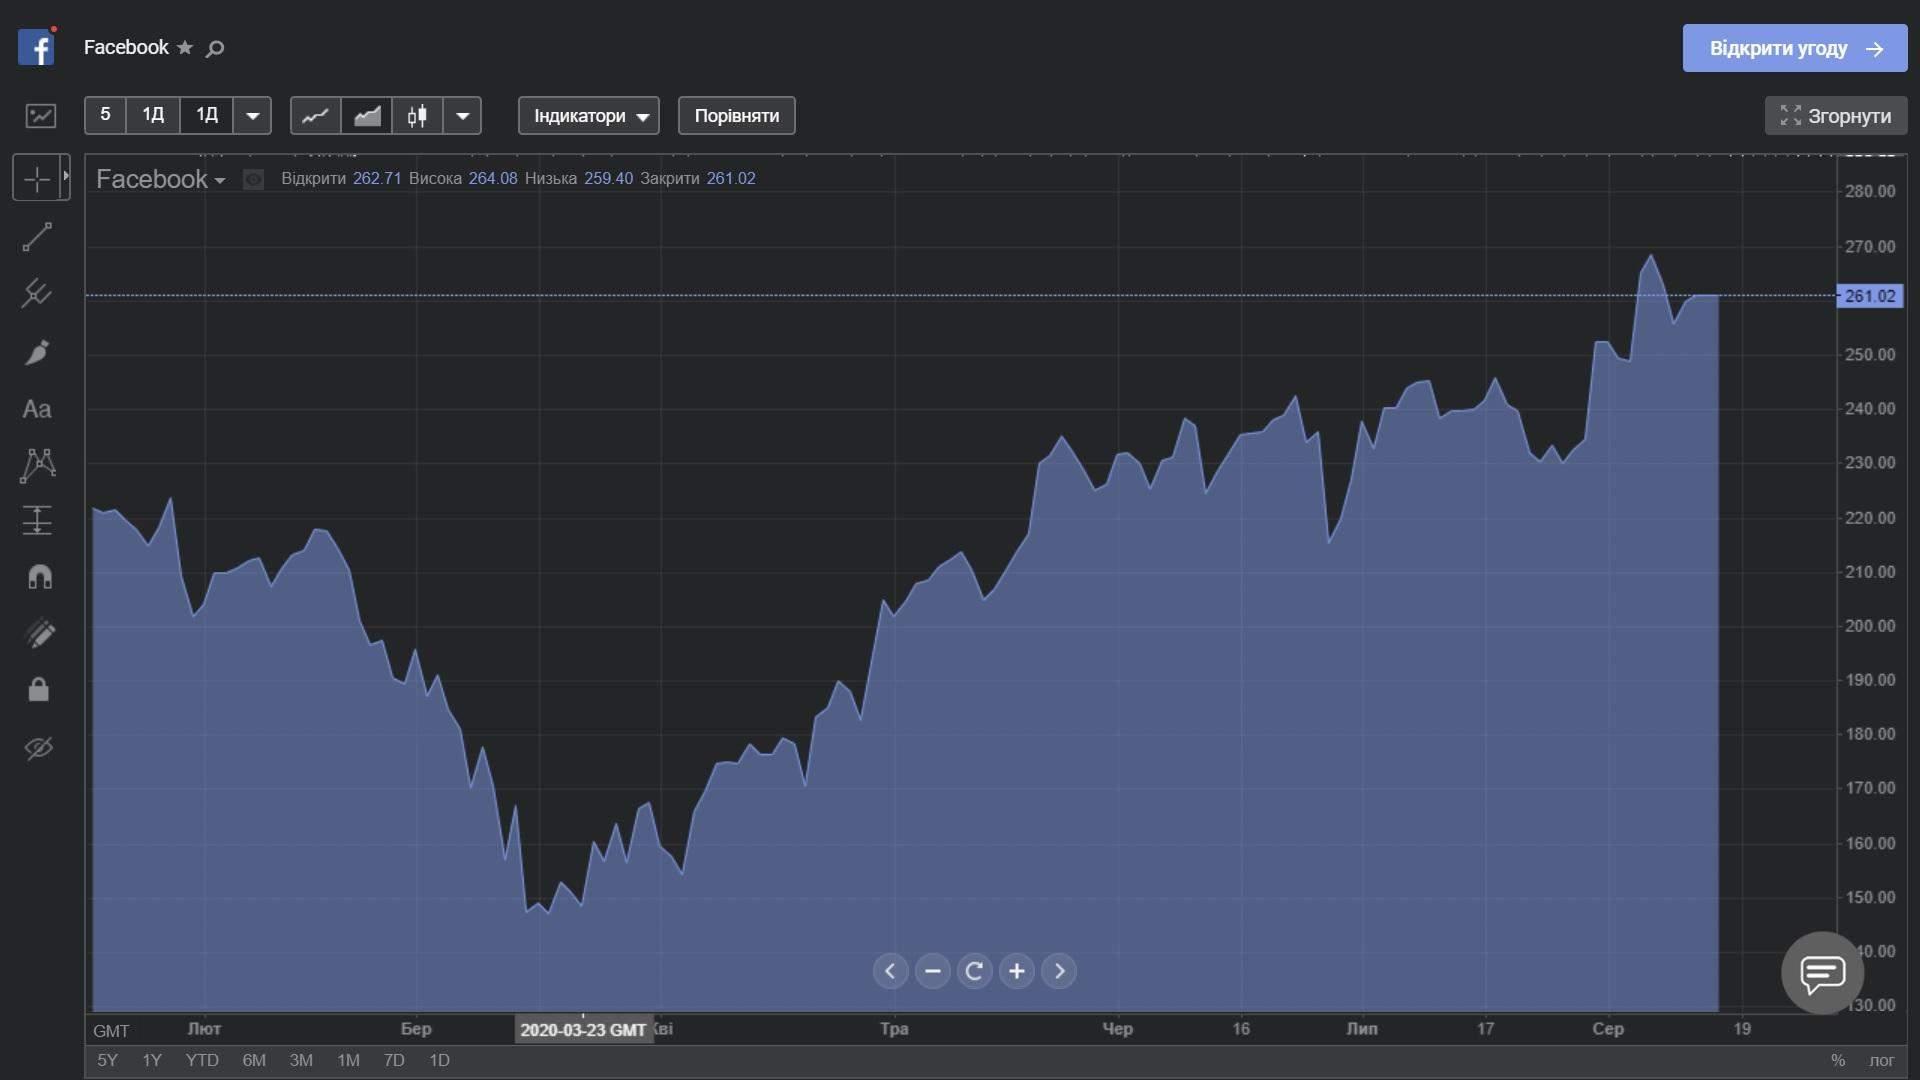 Как менялась цена акций Facebook с начала года